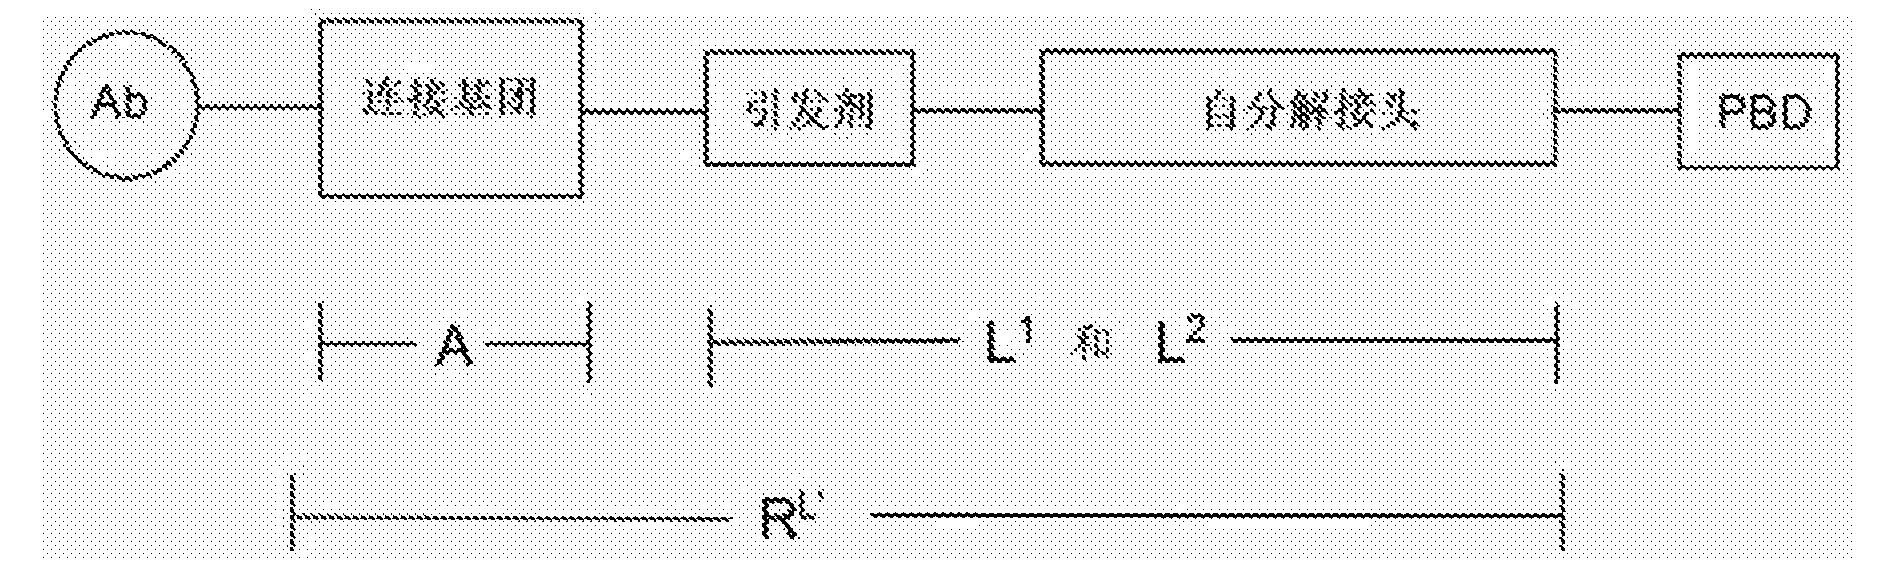 Figure CN105050661BD00301